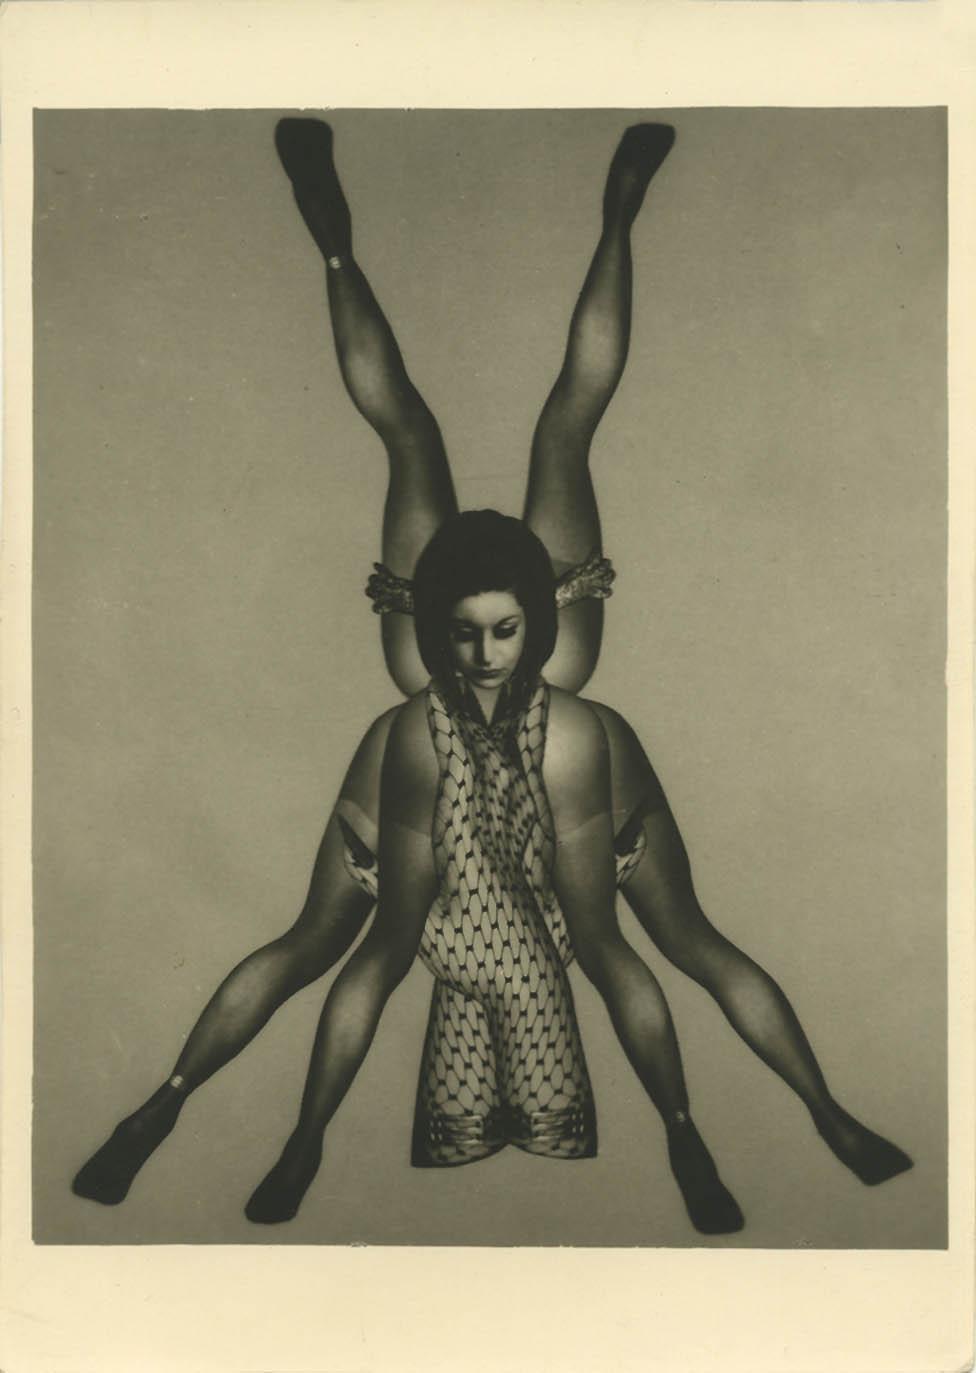 Pierre Molinier- Féminin pluriel est triste, planche 32, 1967, Le Chaman et ses créatures, 1965-1968